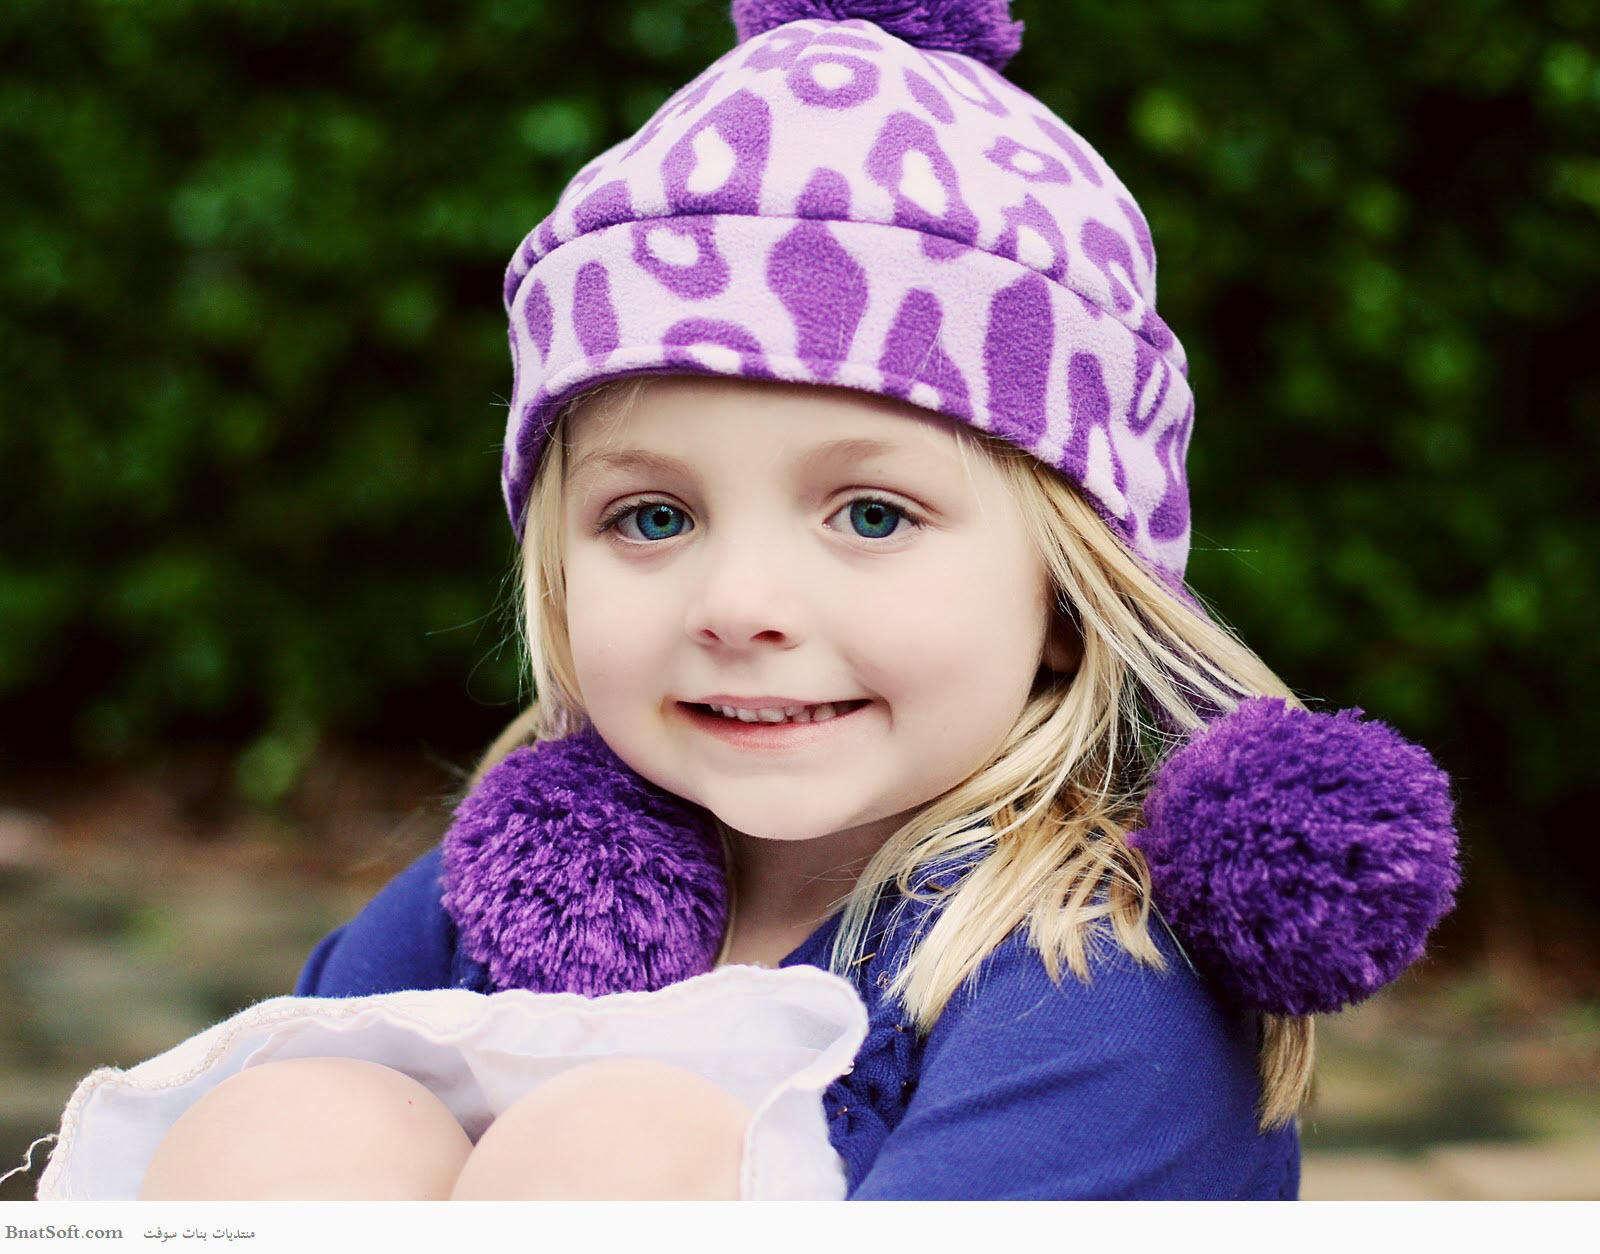 بالصور اجمل الصور للاطفال البنات , اروع صور البنات الصغار 3734 5